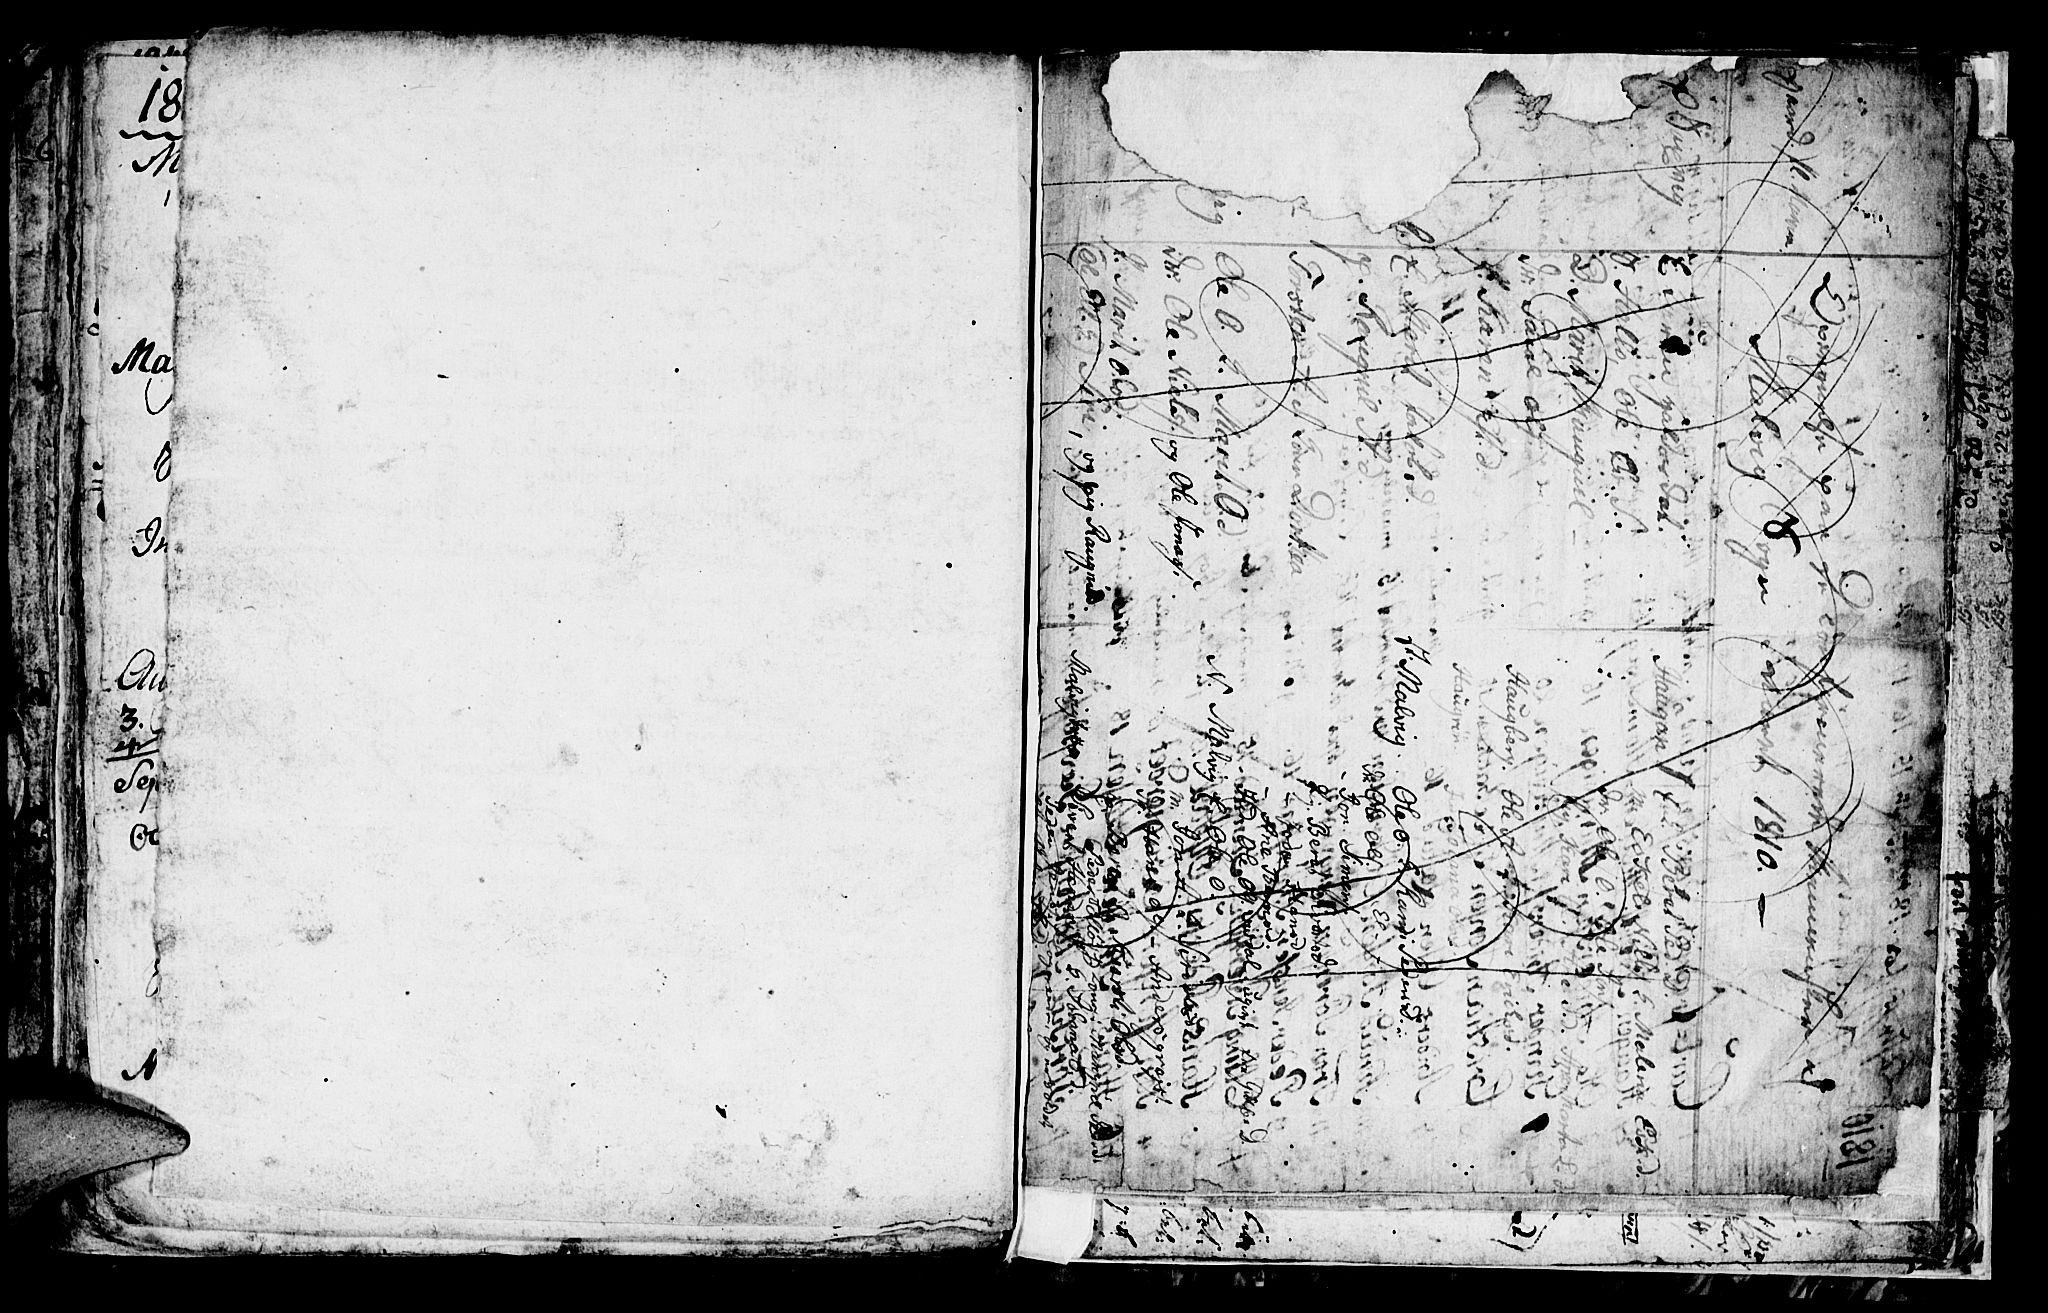 SAT, Ministerialprotokoller, klokkerbøker og fødselsregistre - Sør-Trøndelag, 616/L0419: Klokkerbok nr. 616C02, 1797-1816